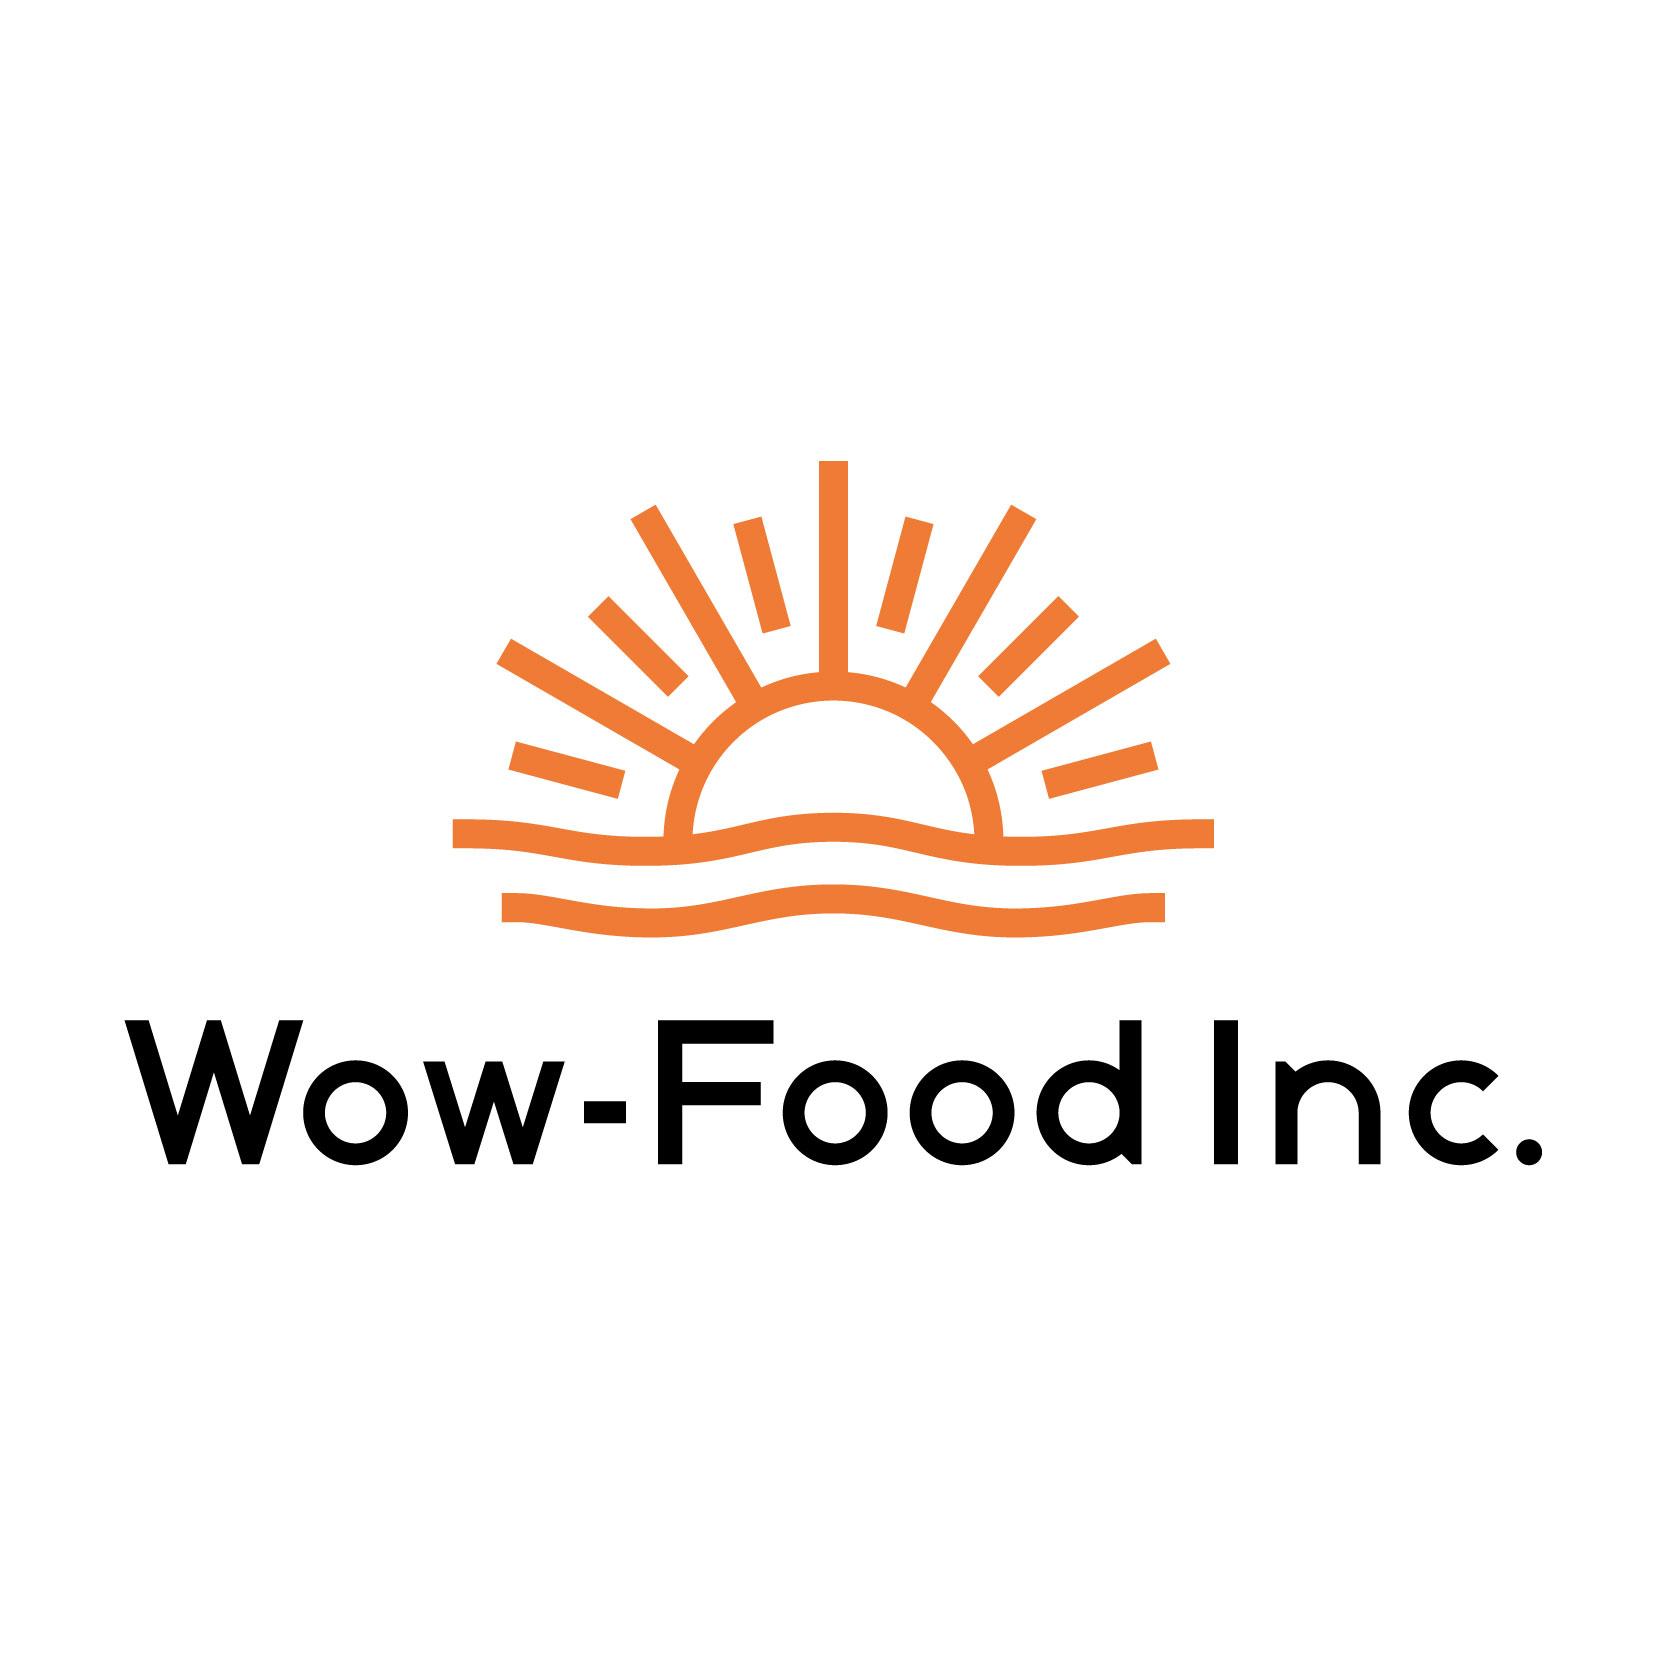 Wow-Food株式会社の企業ロゴ